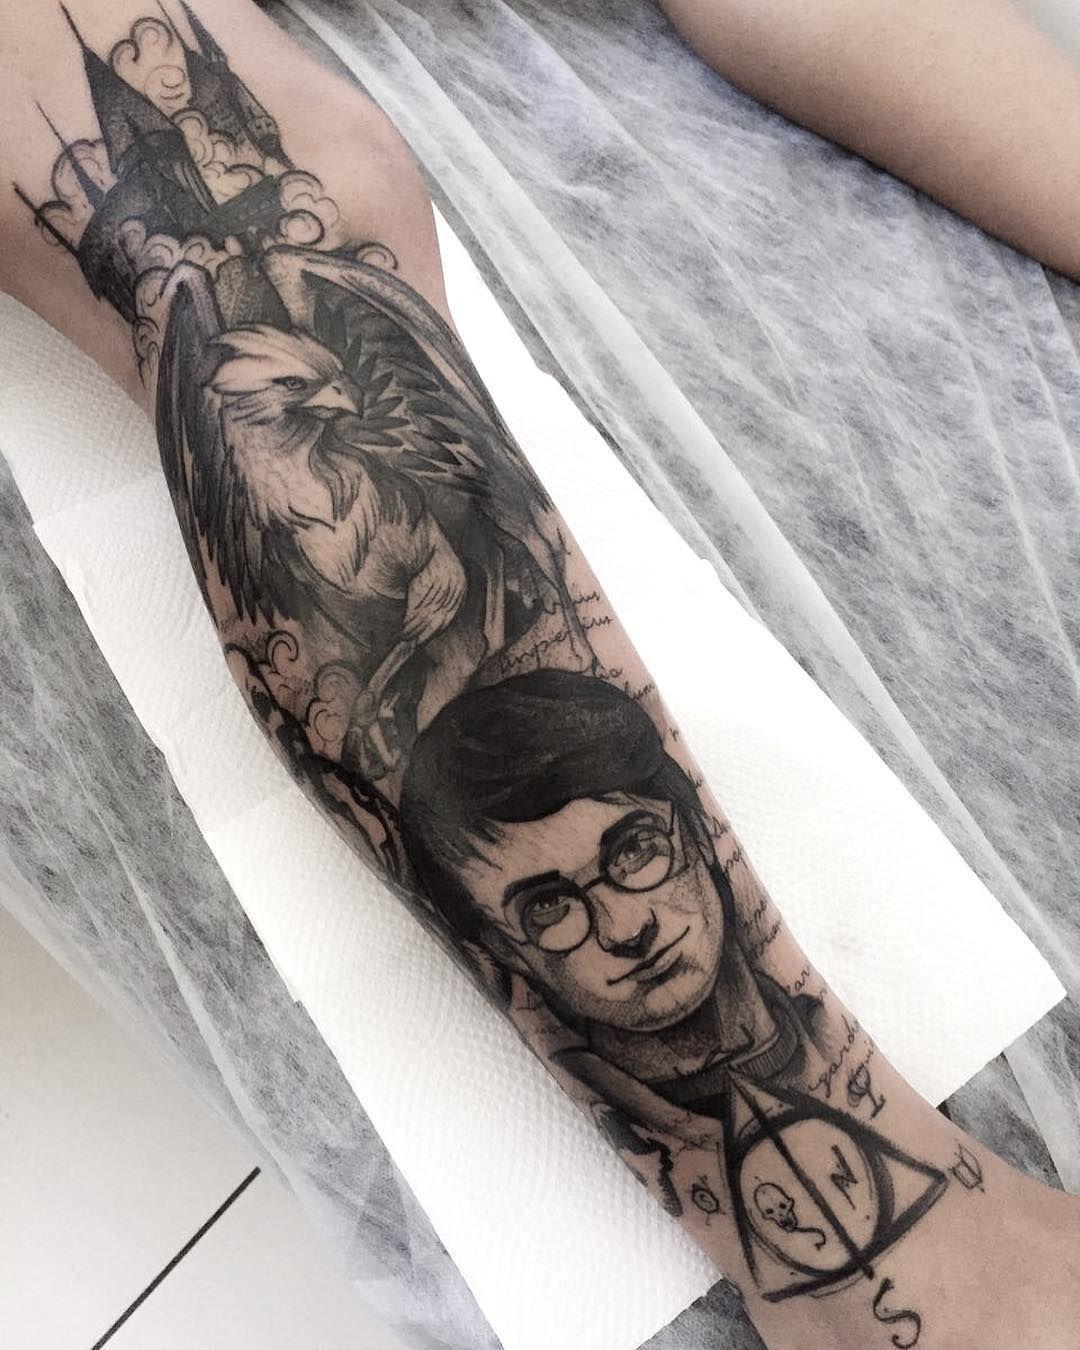 Tatuagem Feita Por Rodrigo Muinhos De Fortaleza Harry Potter Com Simbolo Das Reliquias Harry Potter Tattoos Harry Potter Tattoo Sleeve Harry Potter Tattoo